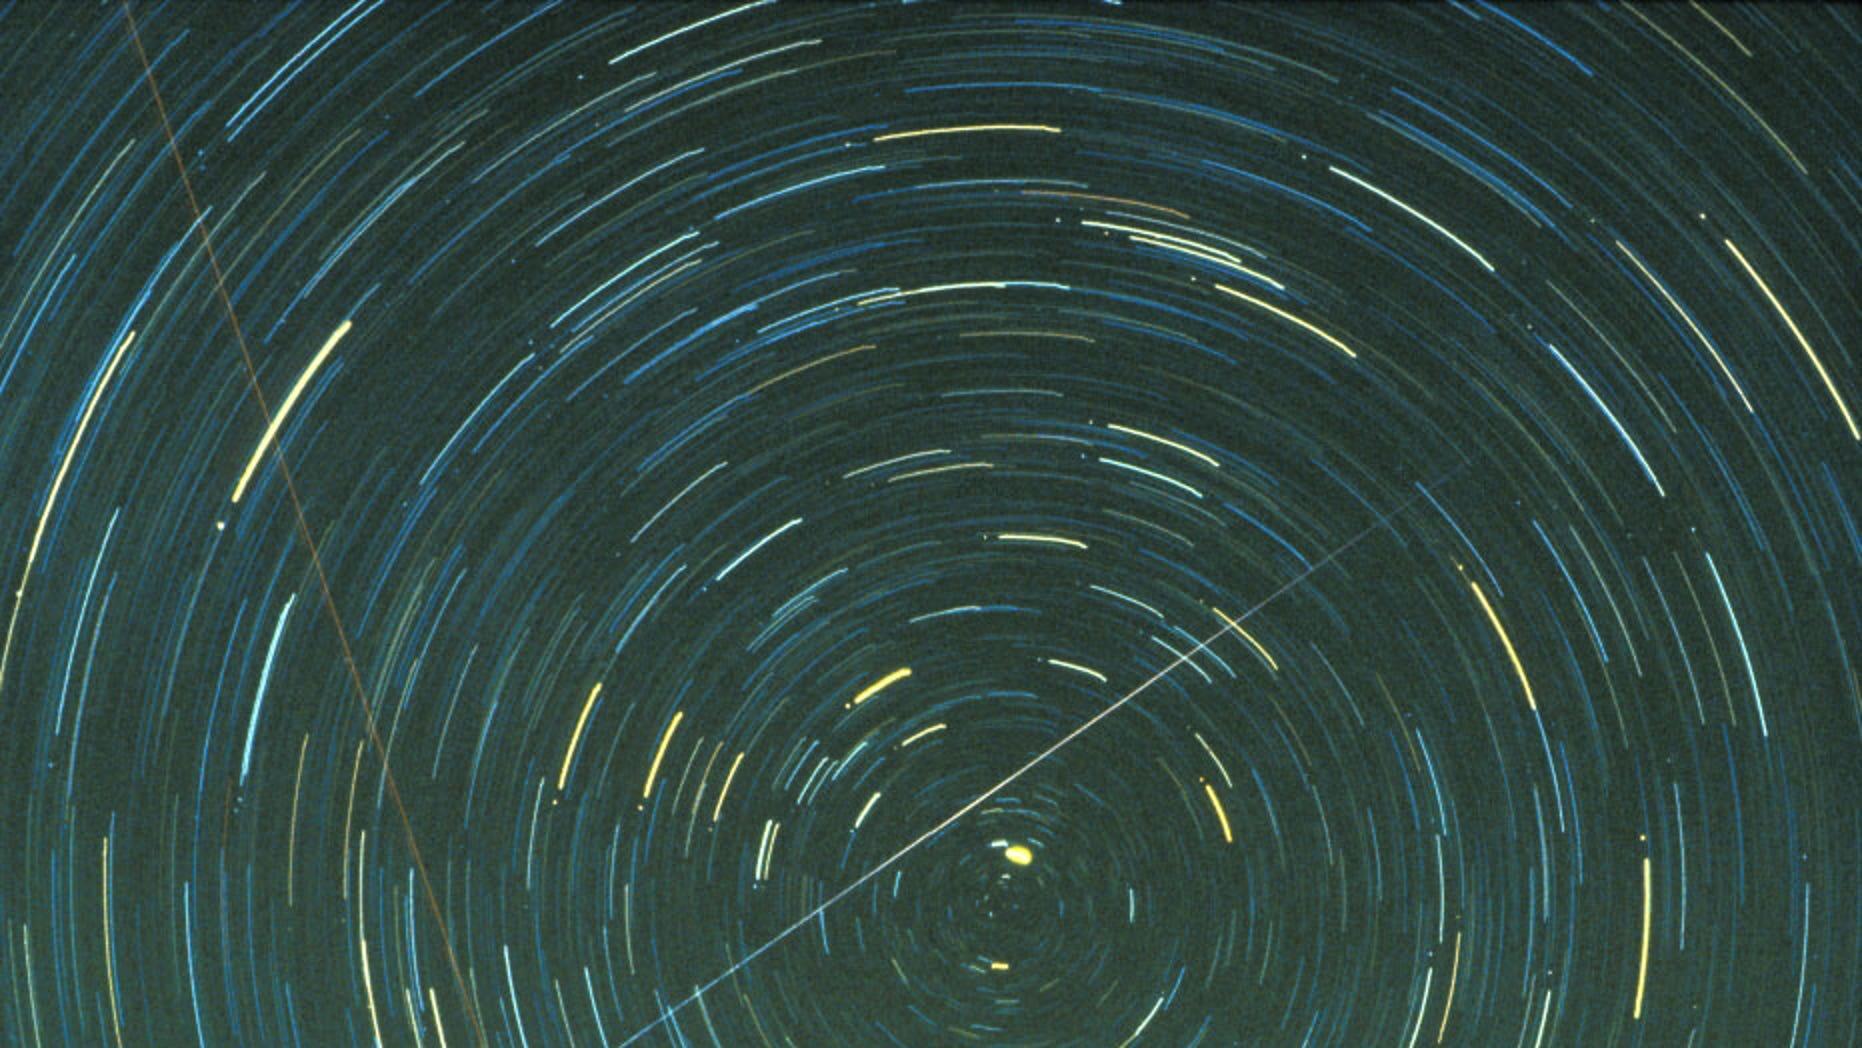 A Geminid meteor. Image credit: Jimmy Westlake